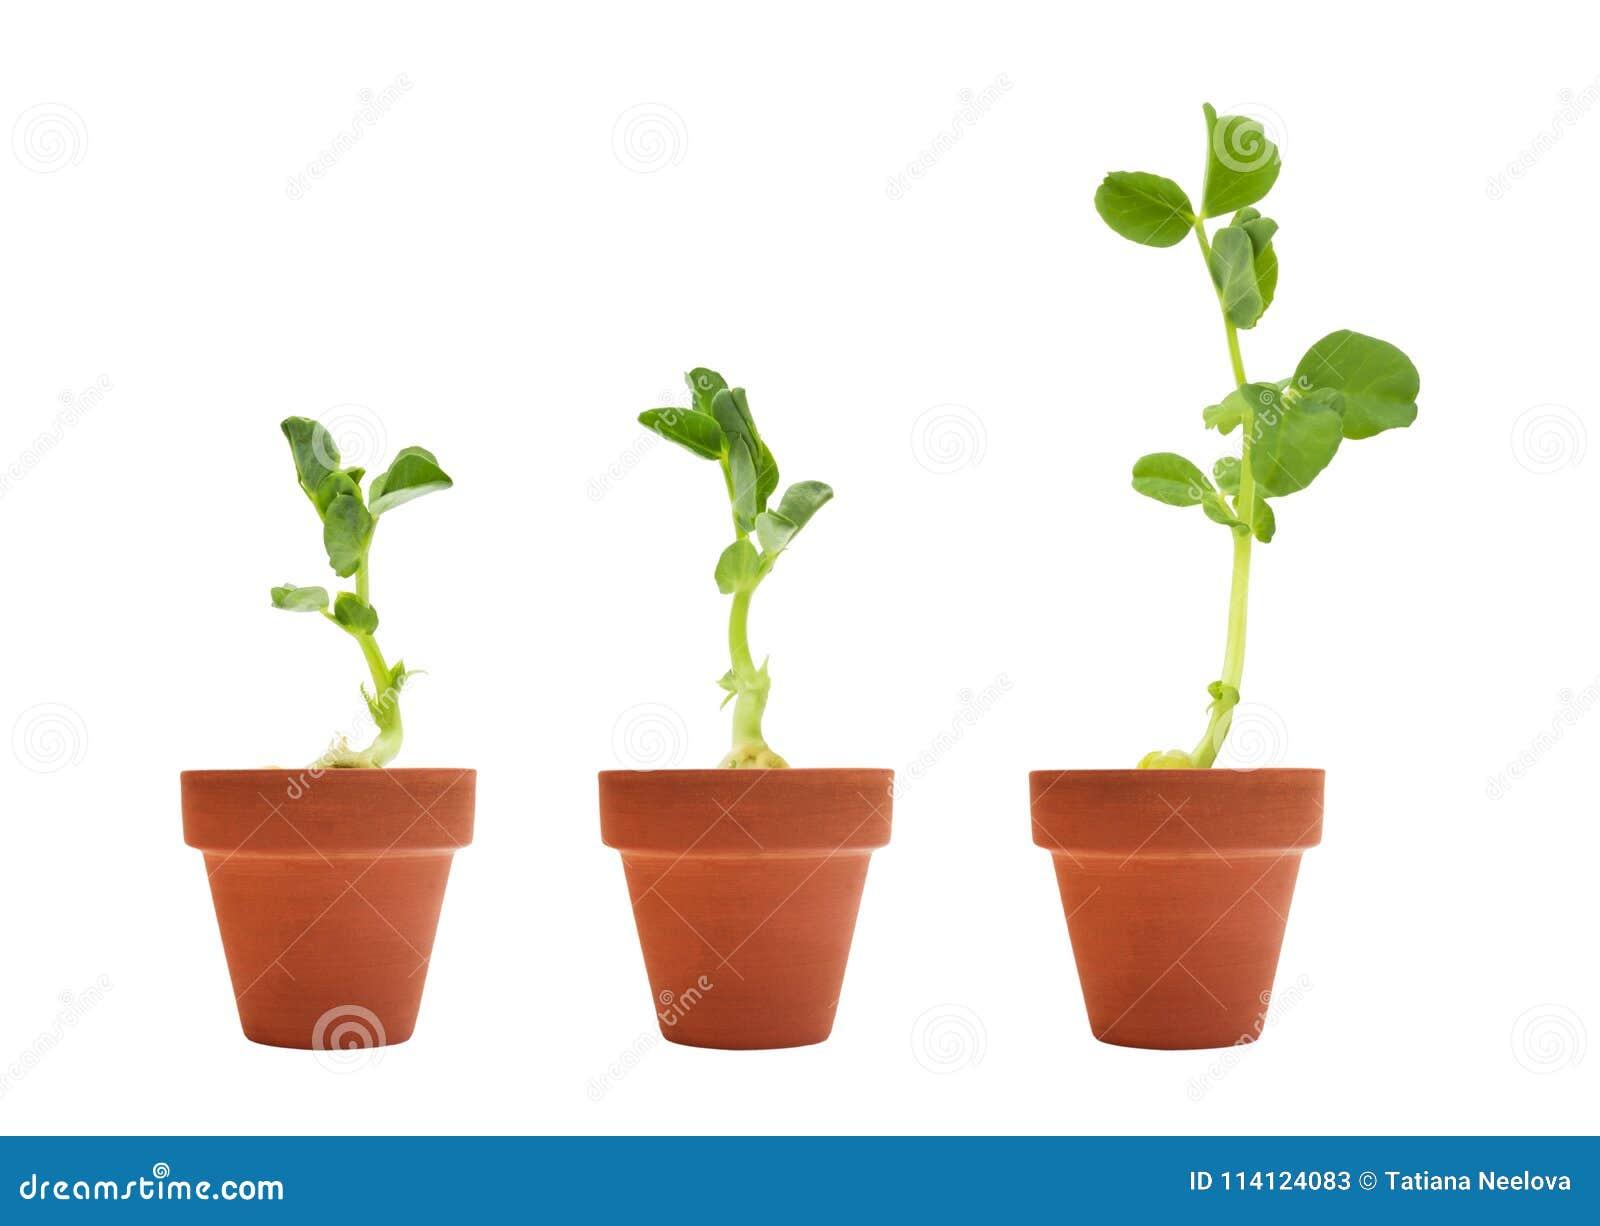 Un sistema de germinación orgánica de tres semillas de guisante El guisante verde brota en los potes sin pintar de cerámica de la